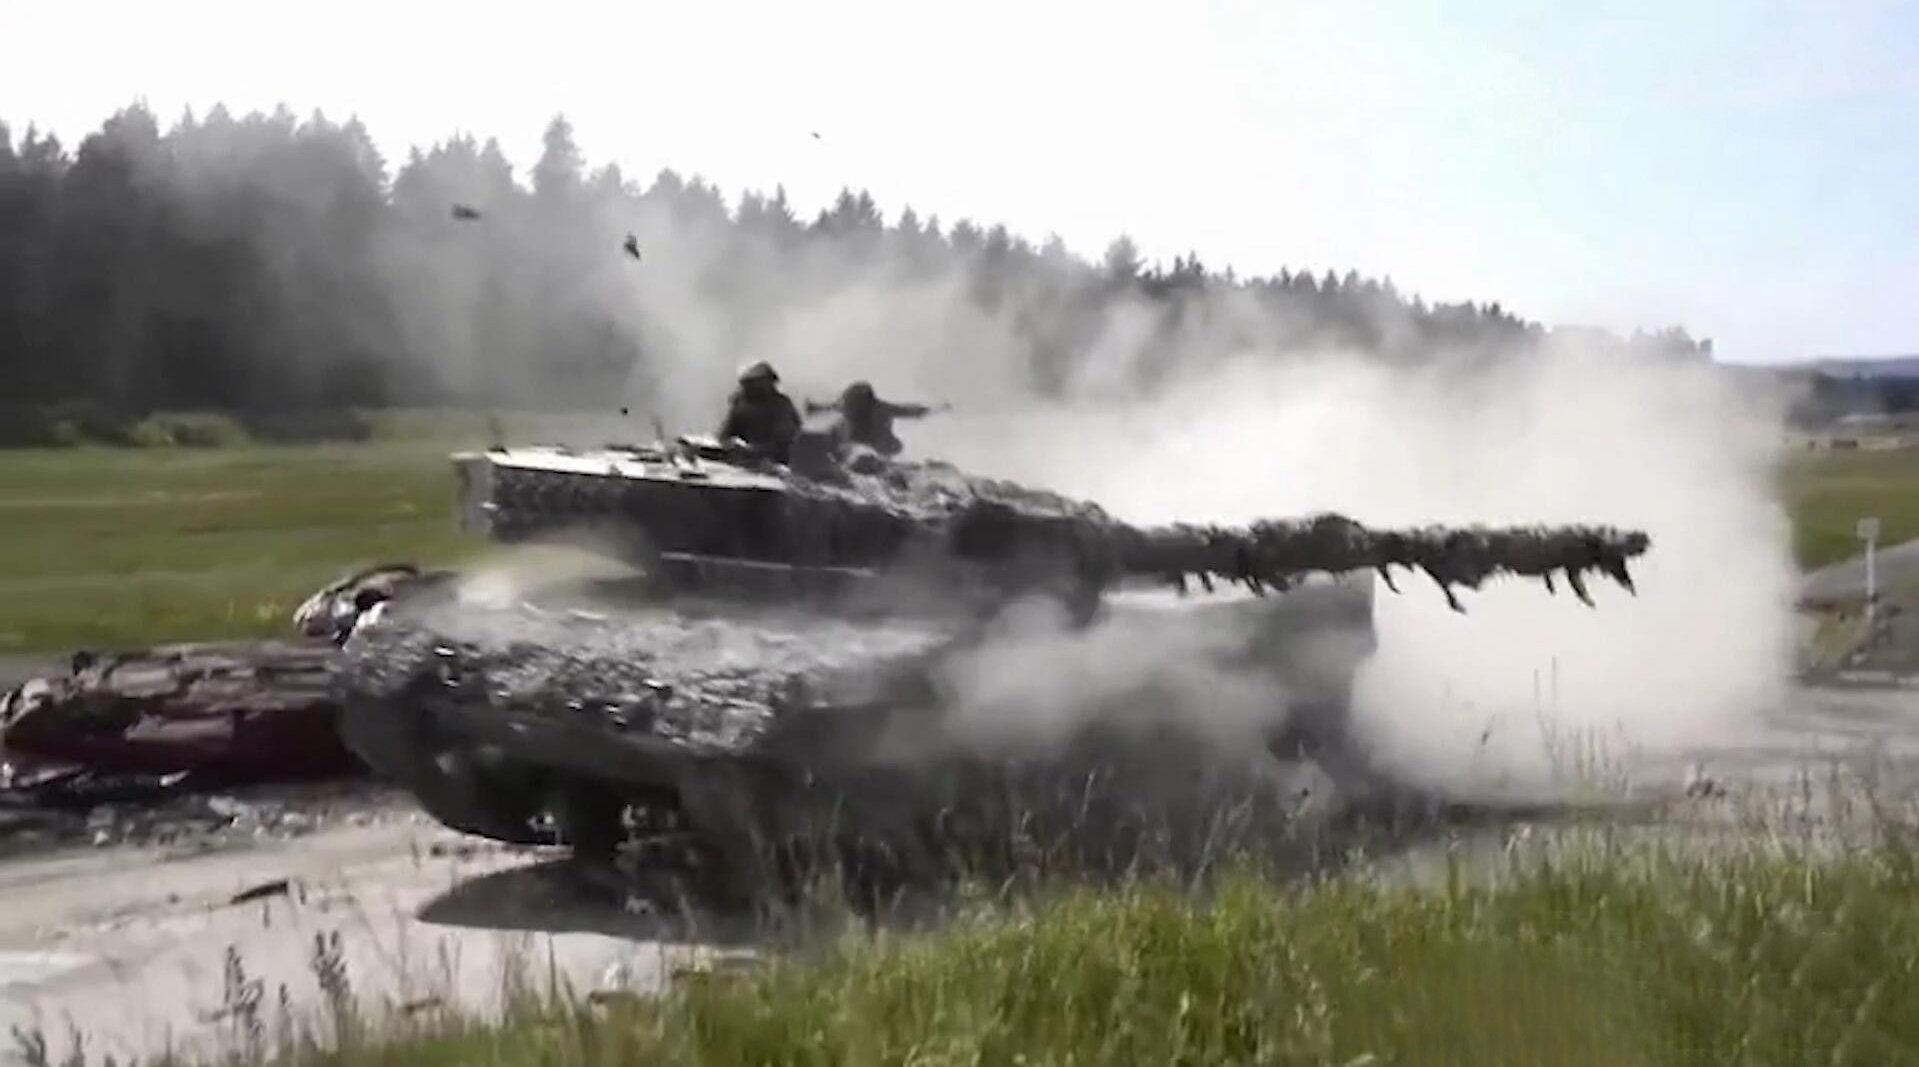 在强悍的德国豹-2主战坦克面前,德国的汽车真的可以只剩下渣!